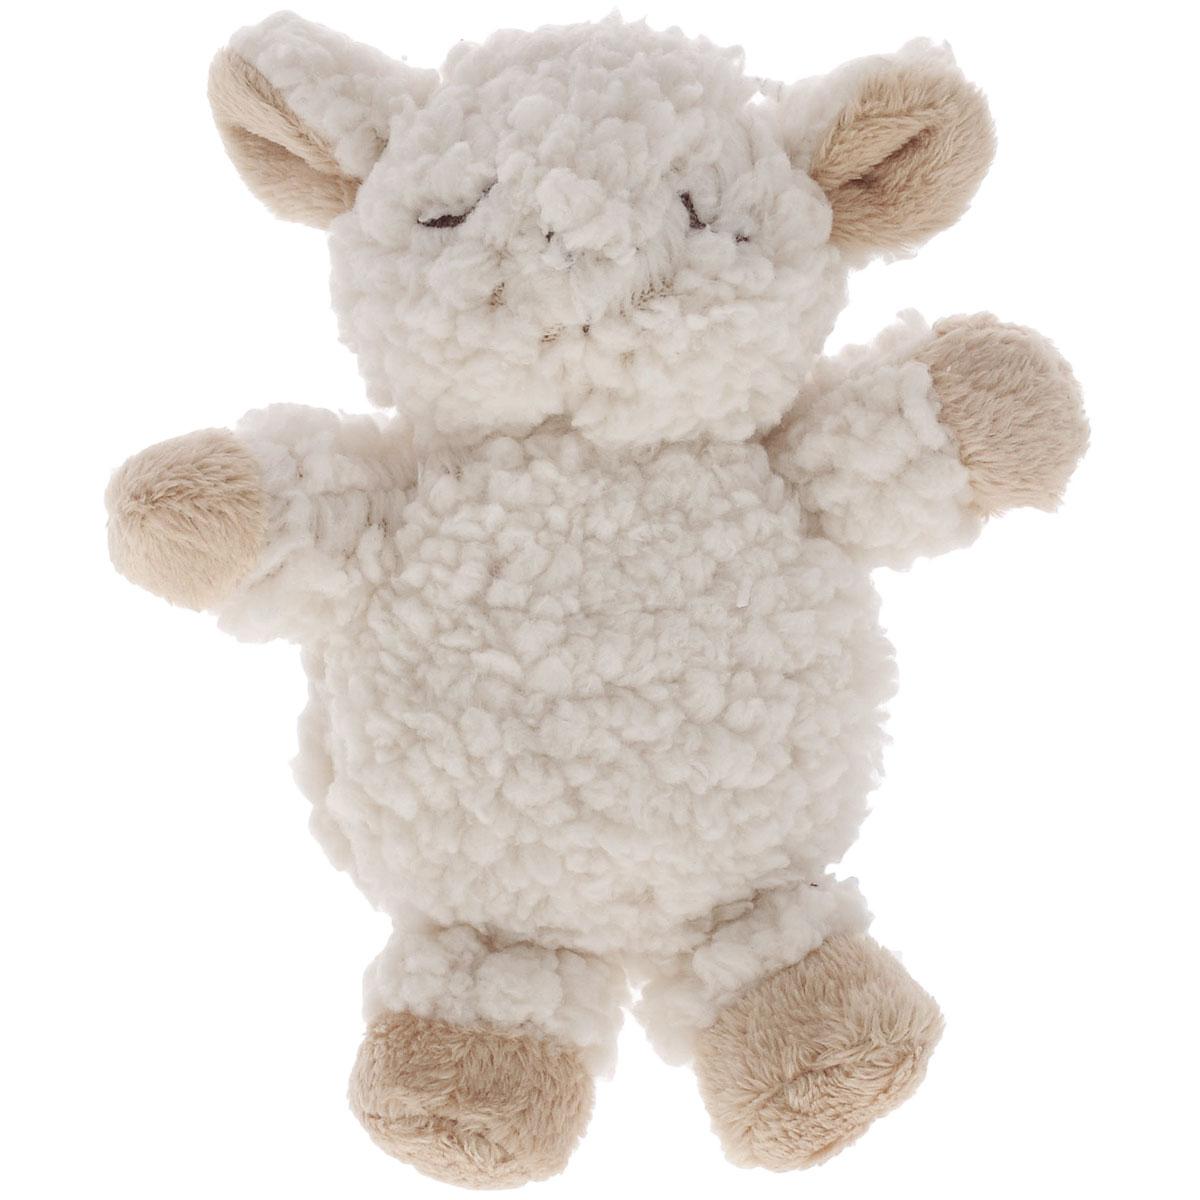 Игрушка-погремушка мягкая Cloud b Овечка, цвет: белый, бежевый, 13 см7301-ZZ-RUОчаровательная мягкая игрушка Овечка не оставит вас равнодушным и вызовет улыбку у каждого, кто ее увидит. Игрушка выполнена из полиэстера в виде симпатичной овечки. Внутри овечки пластиковый элемент, который при потряхивании создает приятный негромкий звук, благодаря чему игрушку можно использовать в качестве погремушки. Плюшевые погремушки специально предназначены для того, чтобы маленькие пальчики развивались, хватая их. Погремушка идеально ложится в ручку, и ей можно трясти во время игр. Милые, мягкие и безопасные игрушки отличаются реалистичным внешним видом, напоминающим настоящего питомца. Только посмотрите на эту милую мордашку, которая так приветливо смотрит на вас. Разве можно устоять перед ее обаянием?